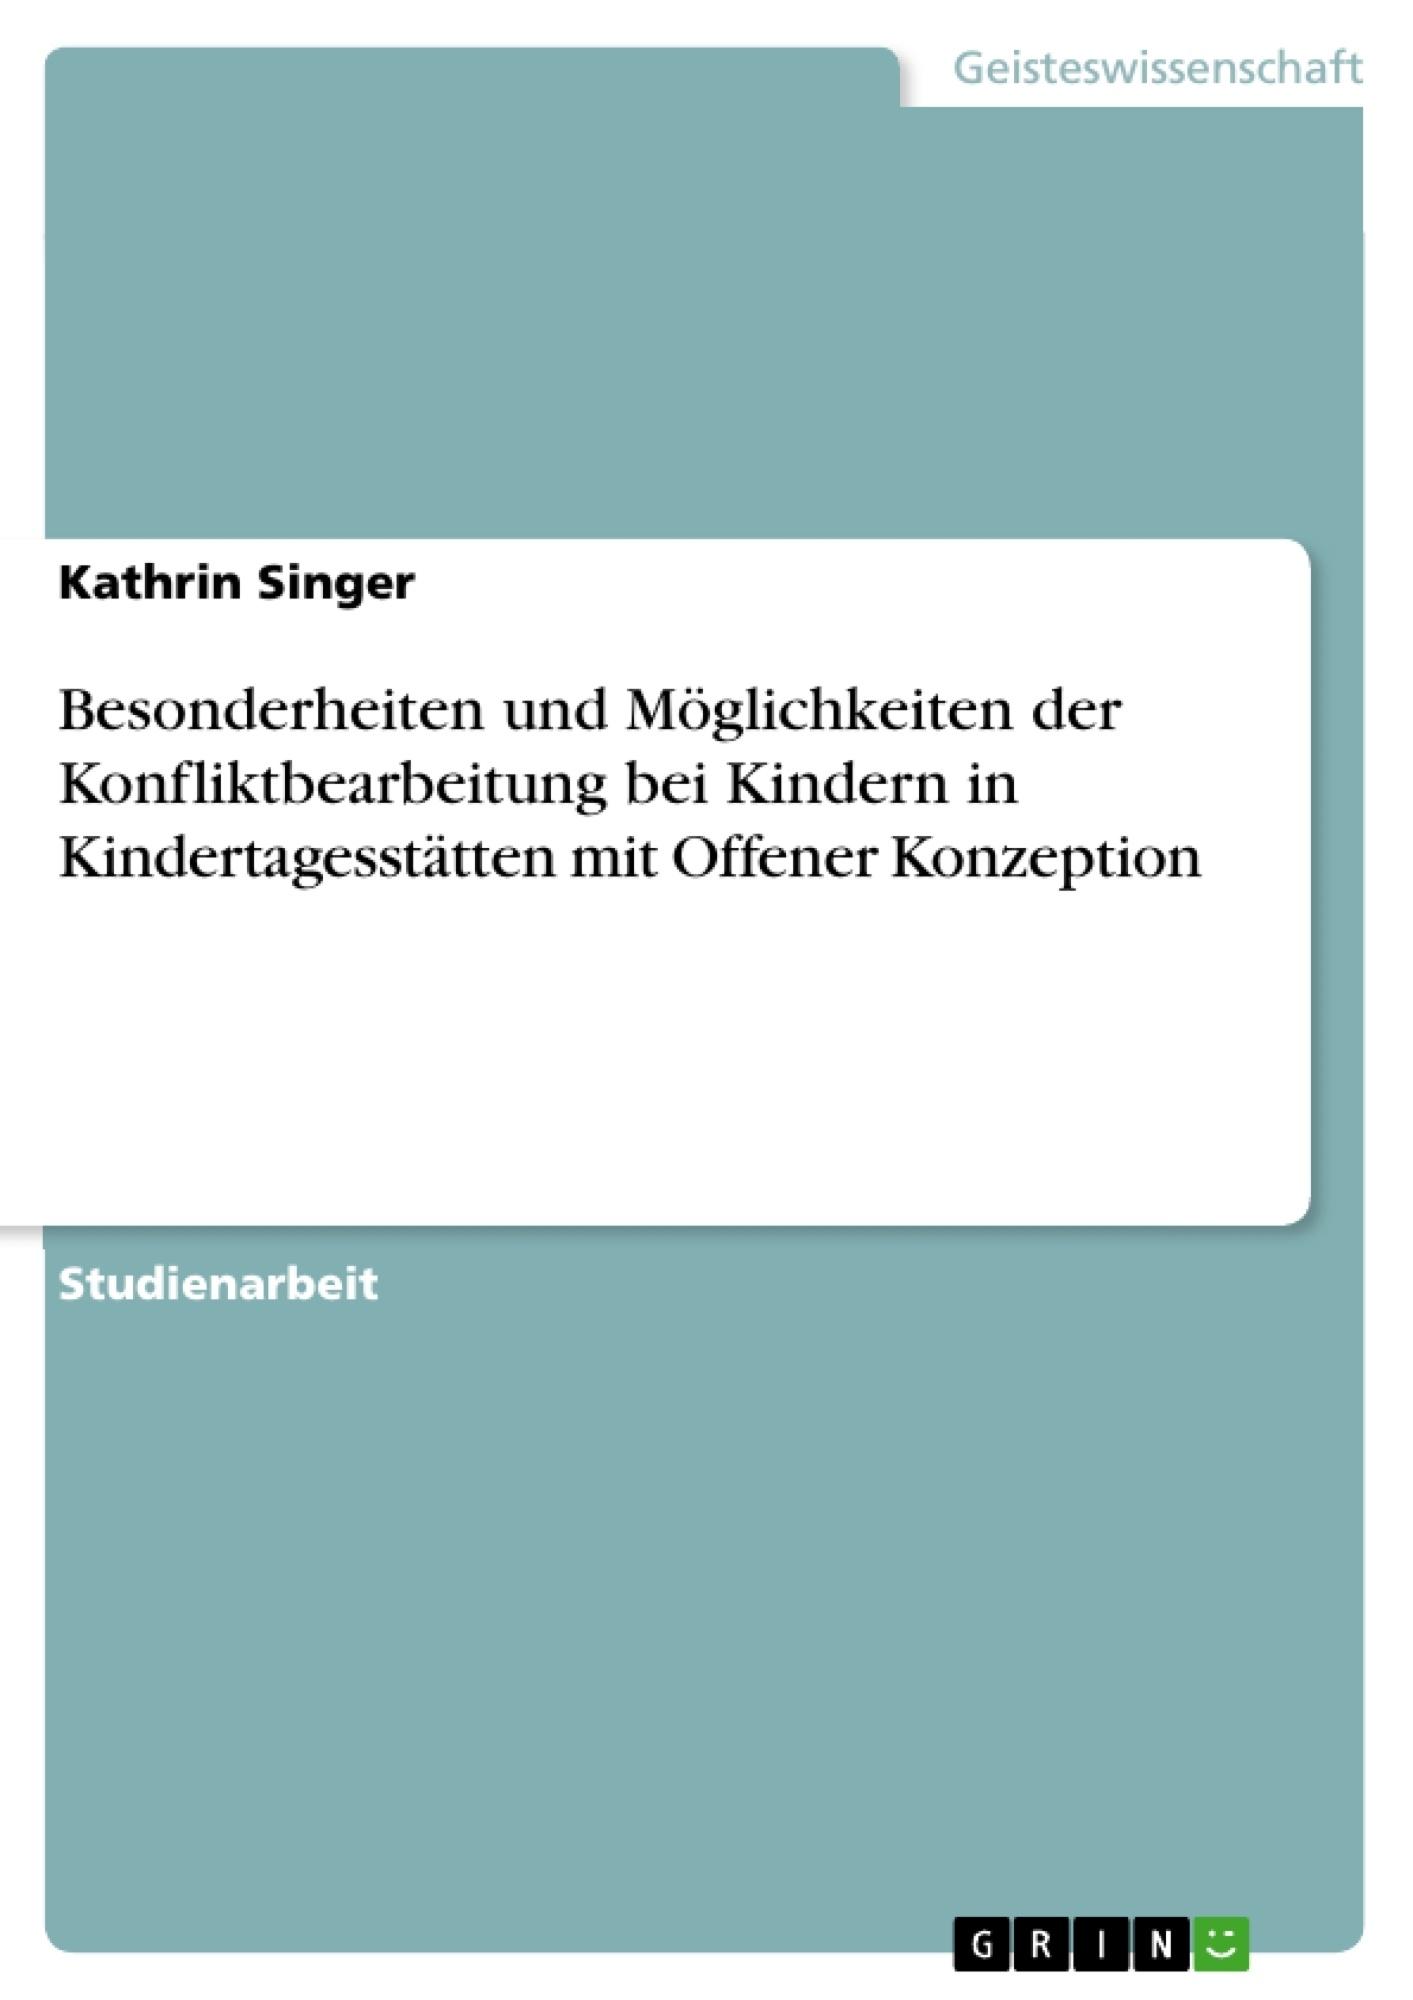 Titel: Besonderheiten und Möglichkeiten der Konfliktbearbeitung bei Kindern in Kindertagesstätten mit Offener Konzeption